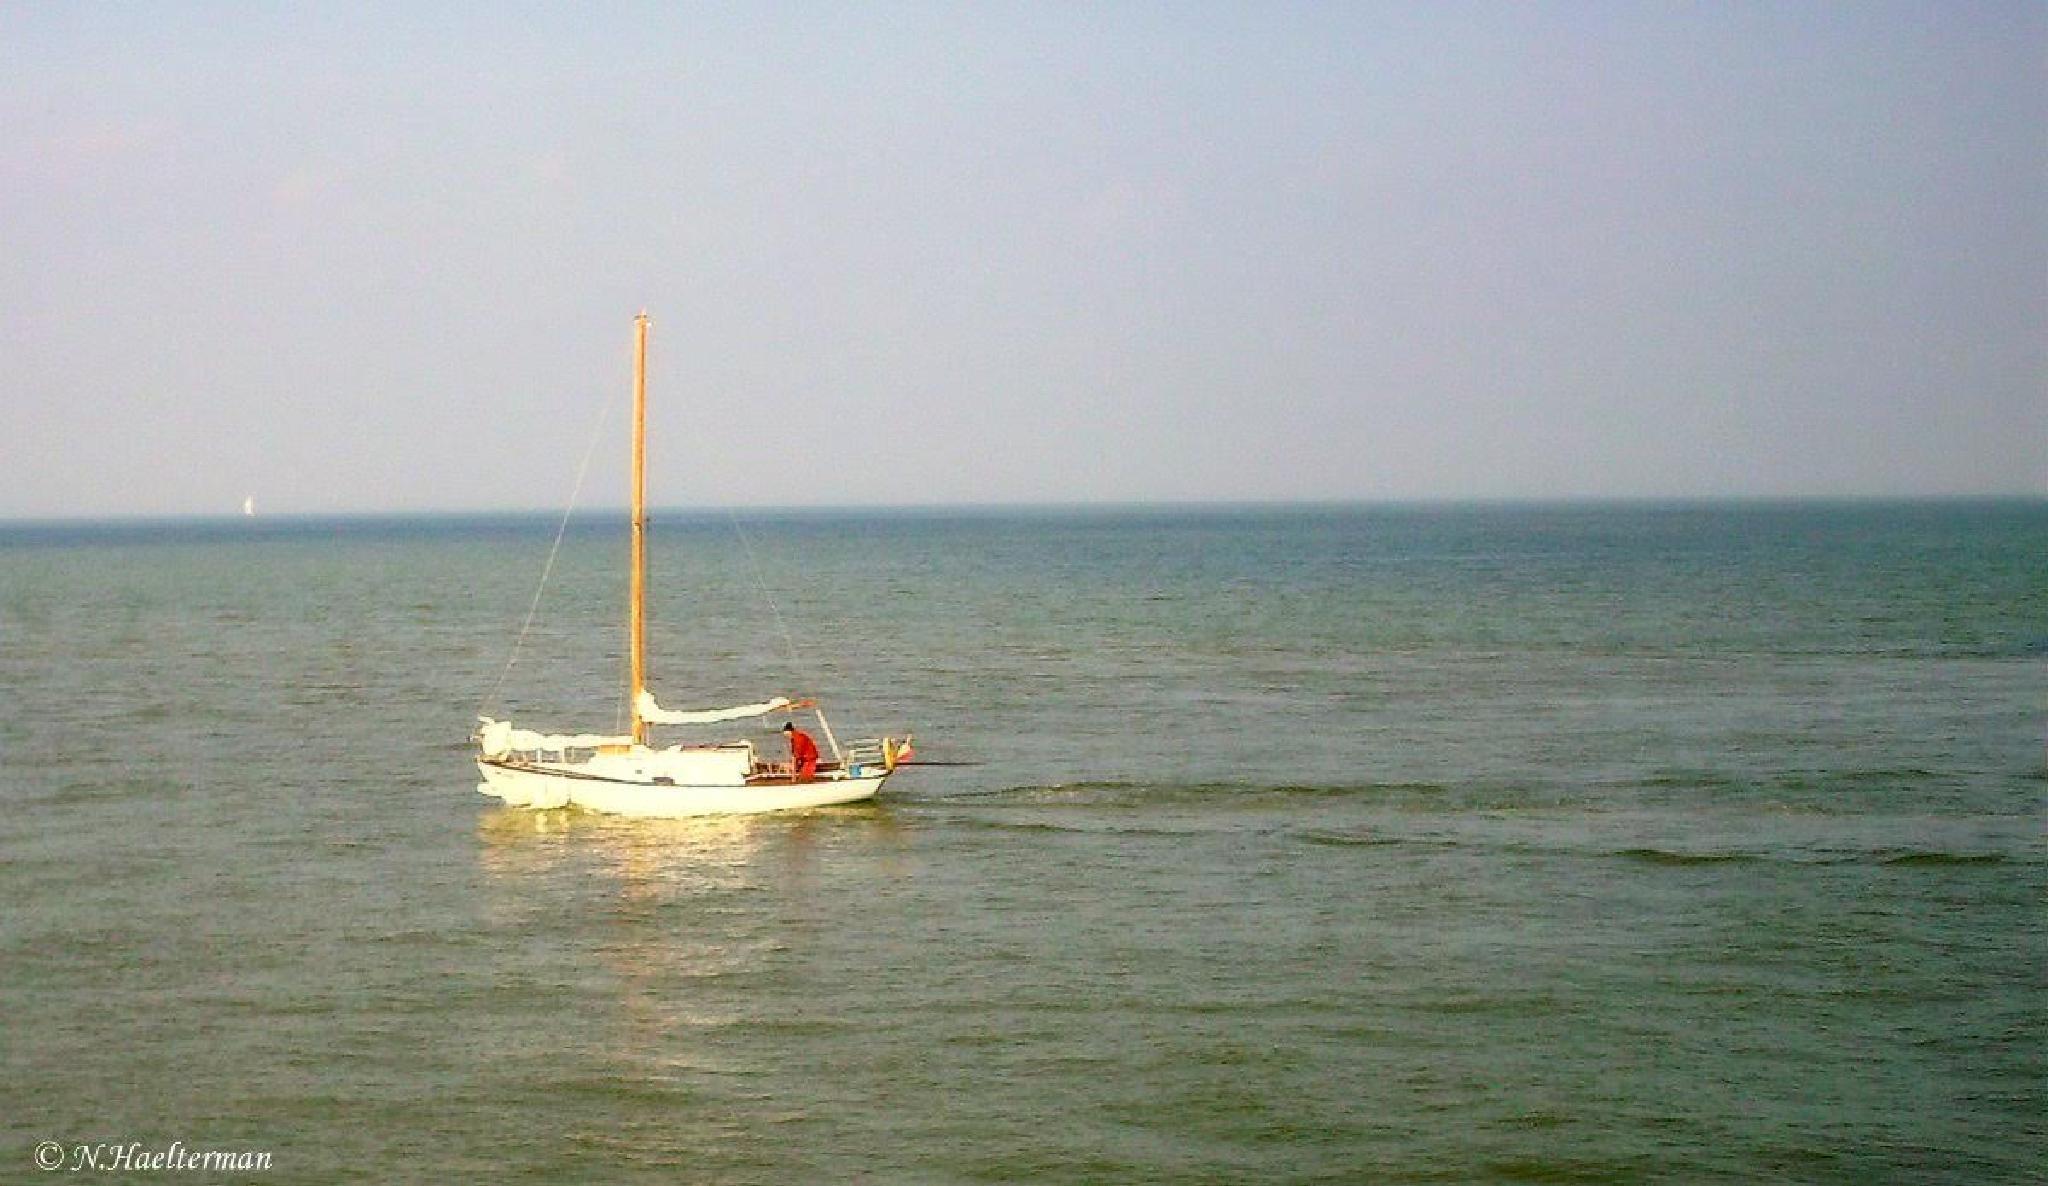 Zeilbootje wiegt zachtjes heen en weer op de zee.... by nelly.haelterman